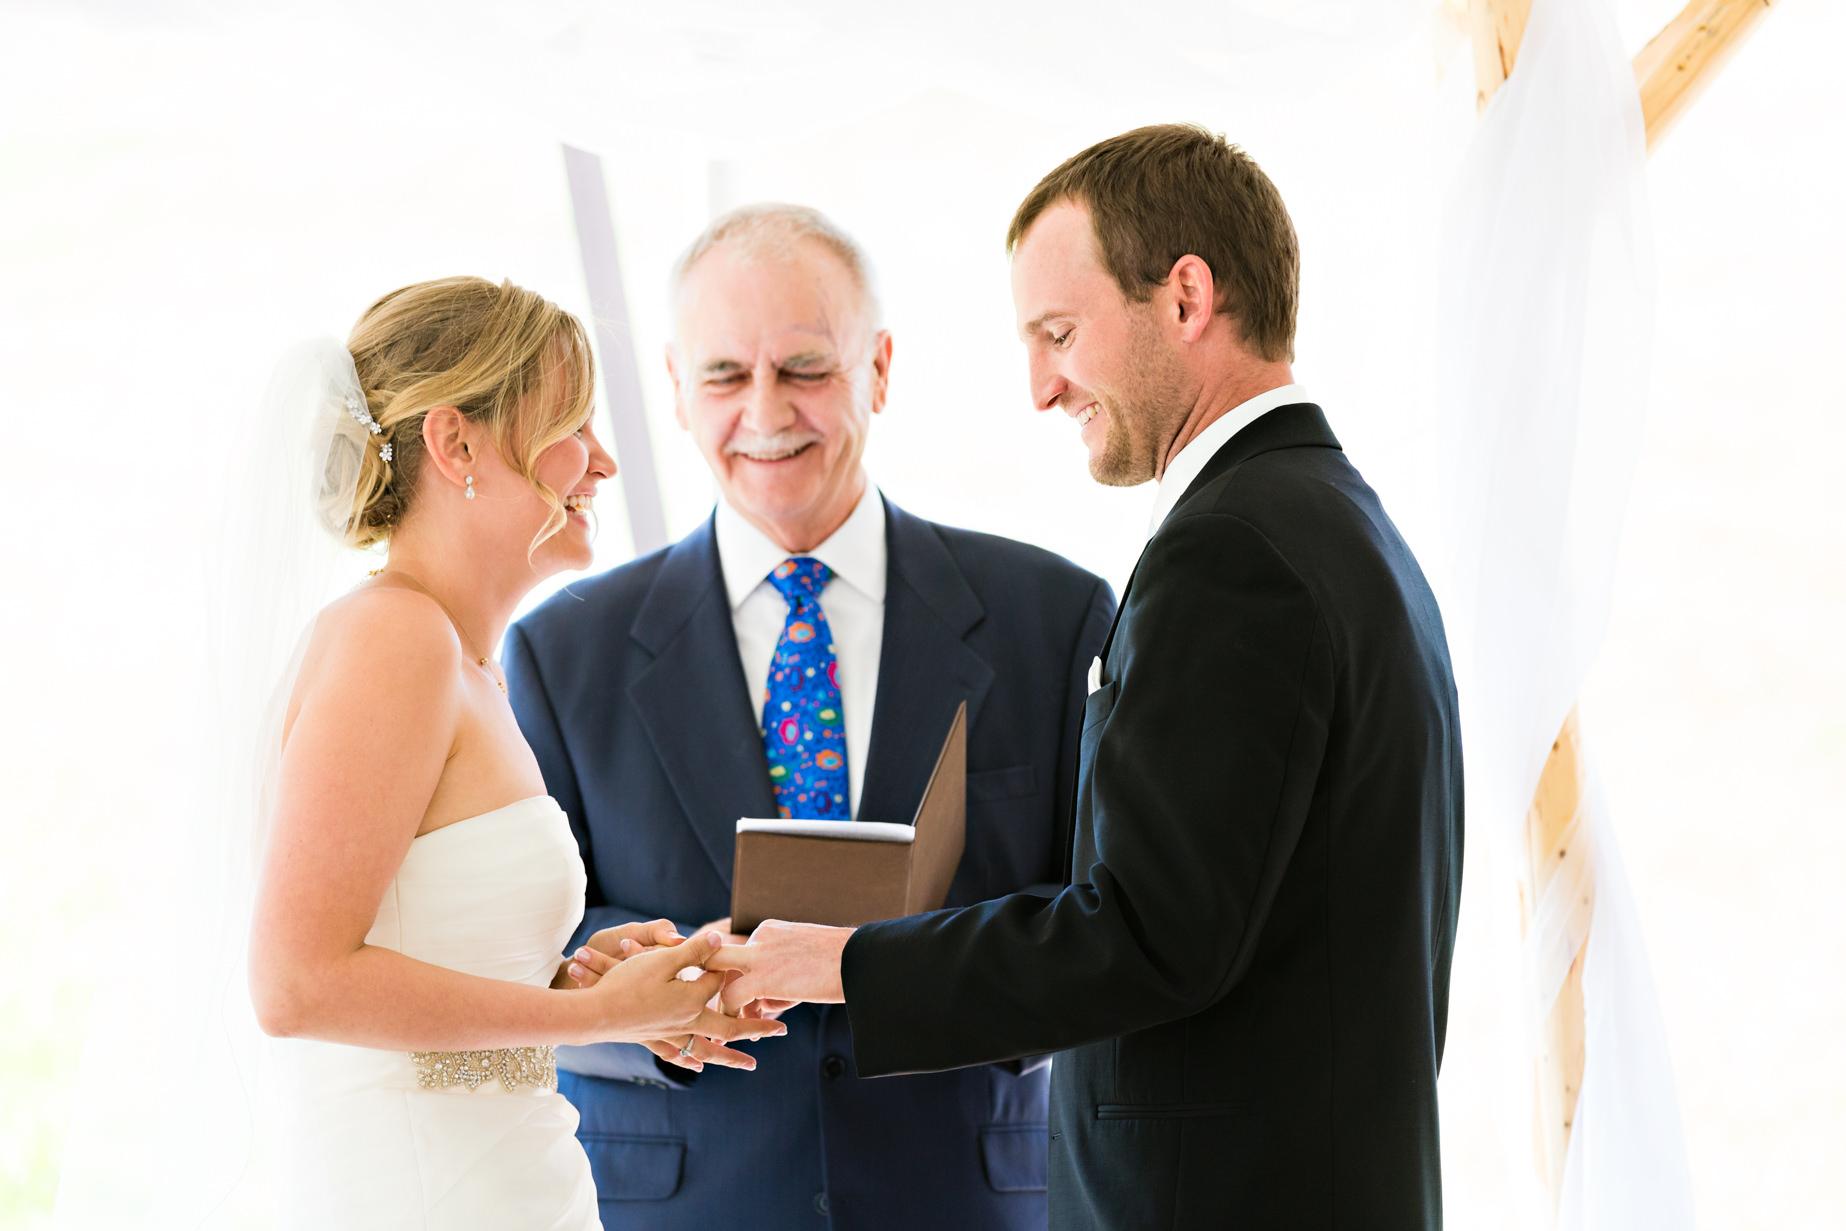 big-sky-resort-wedding-bride-groom-laugh-during-ring-exchange.jpg